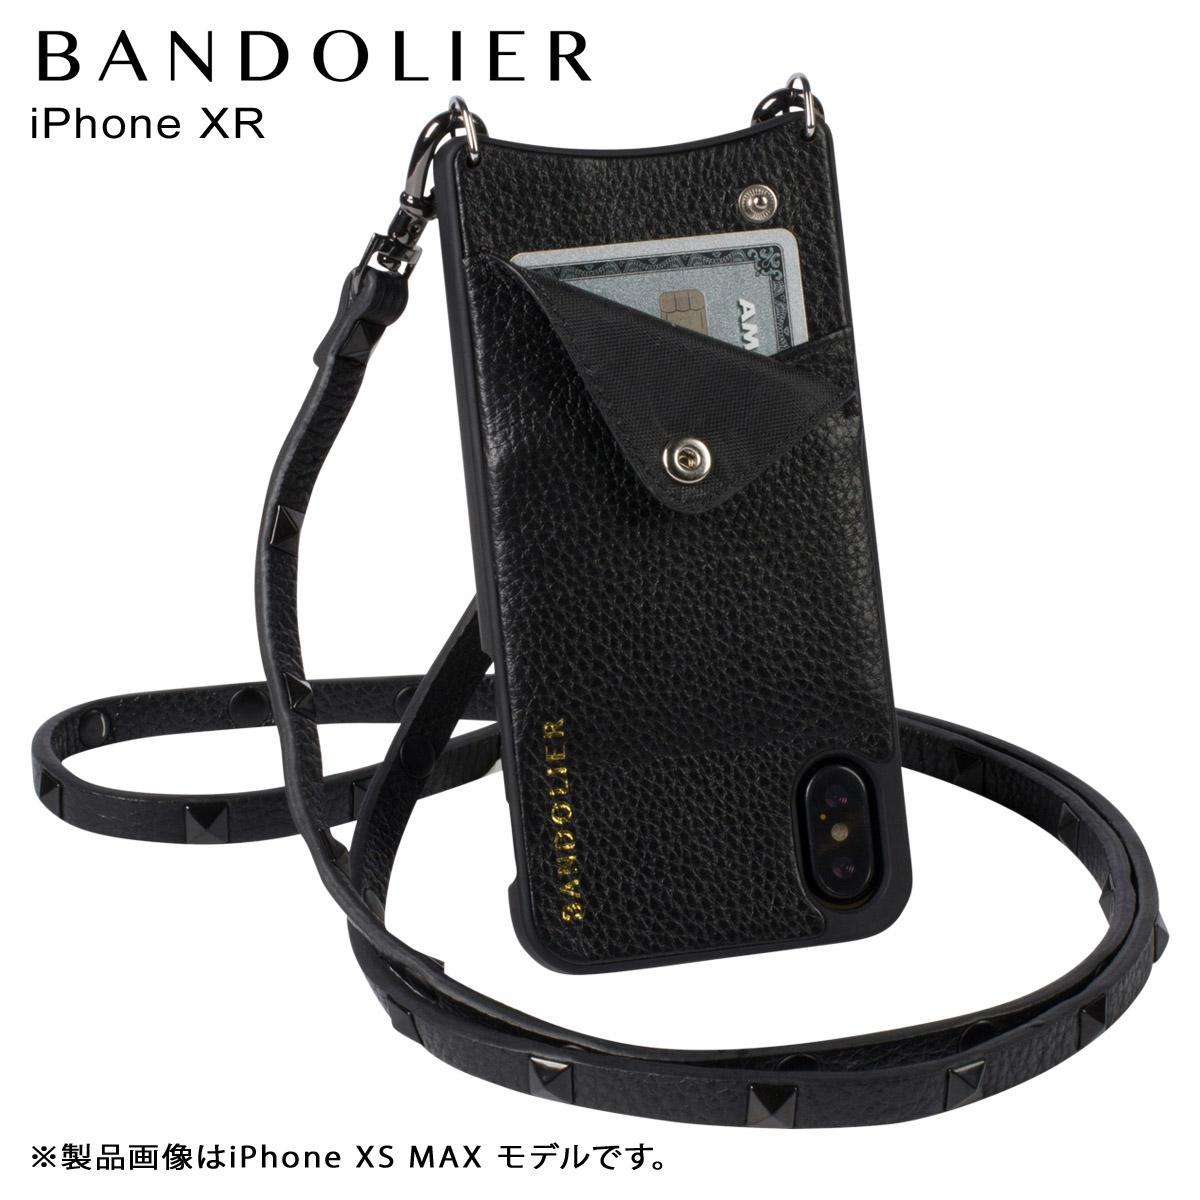 BANDOLIER iPhone XR SARAH BLACK バンドリヤー ケース ショルダー スマホ アイフォン レザー メンズ レディース ブラック 10SAR1001 [4/18 再入荷]